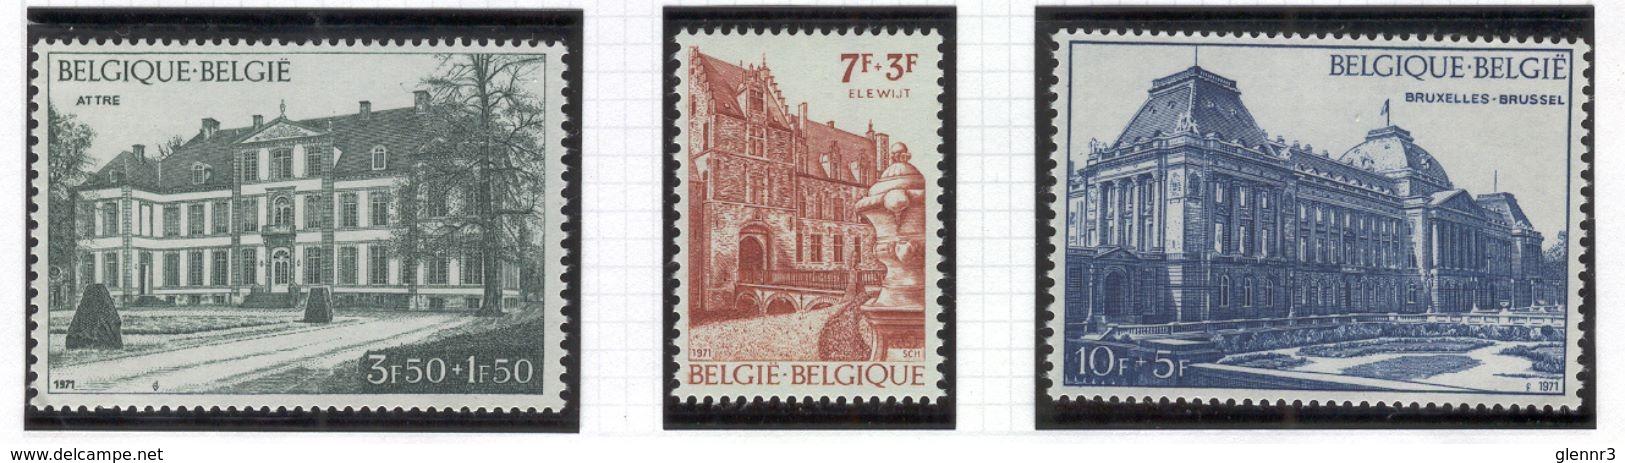 BELGIUM 1971 Palaces, Scott Catalogue No(s). B876-B878, MNH - Belgium